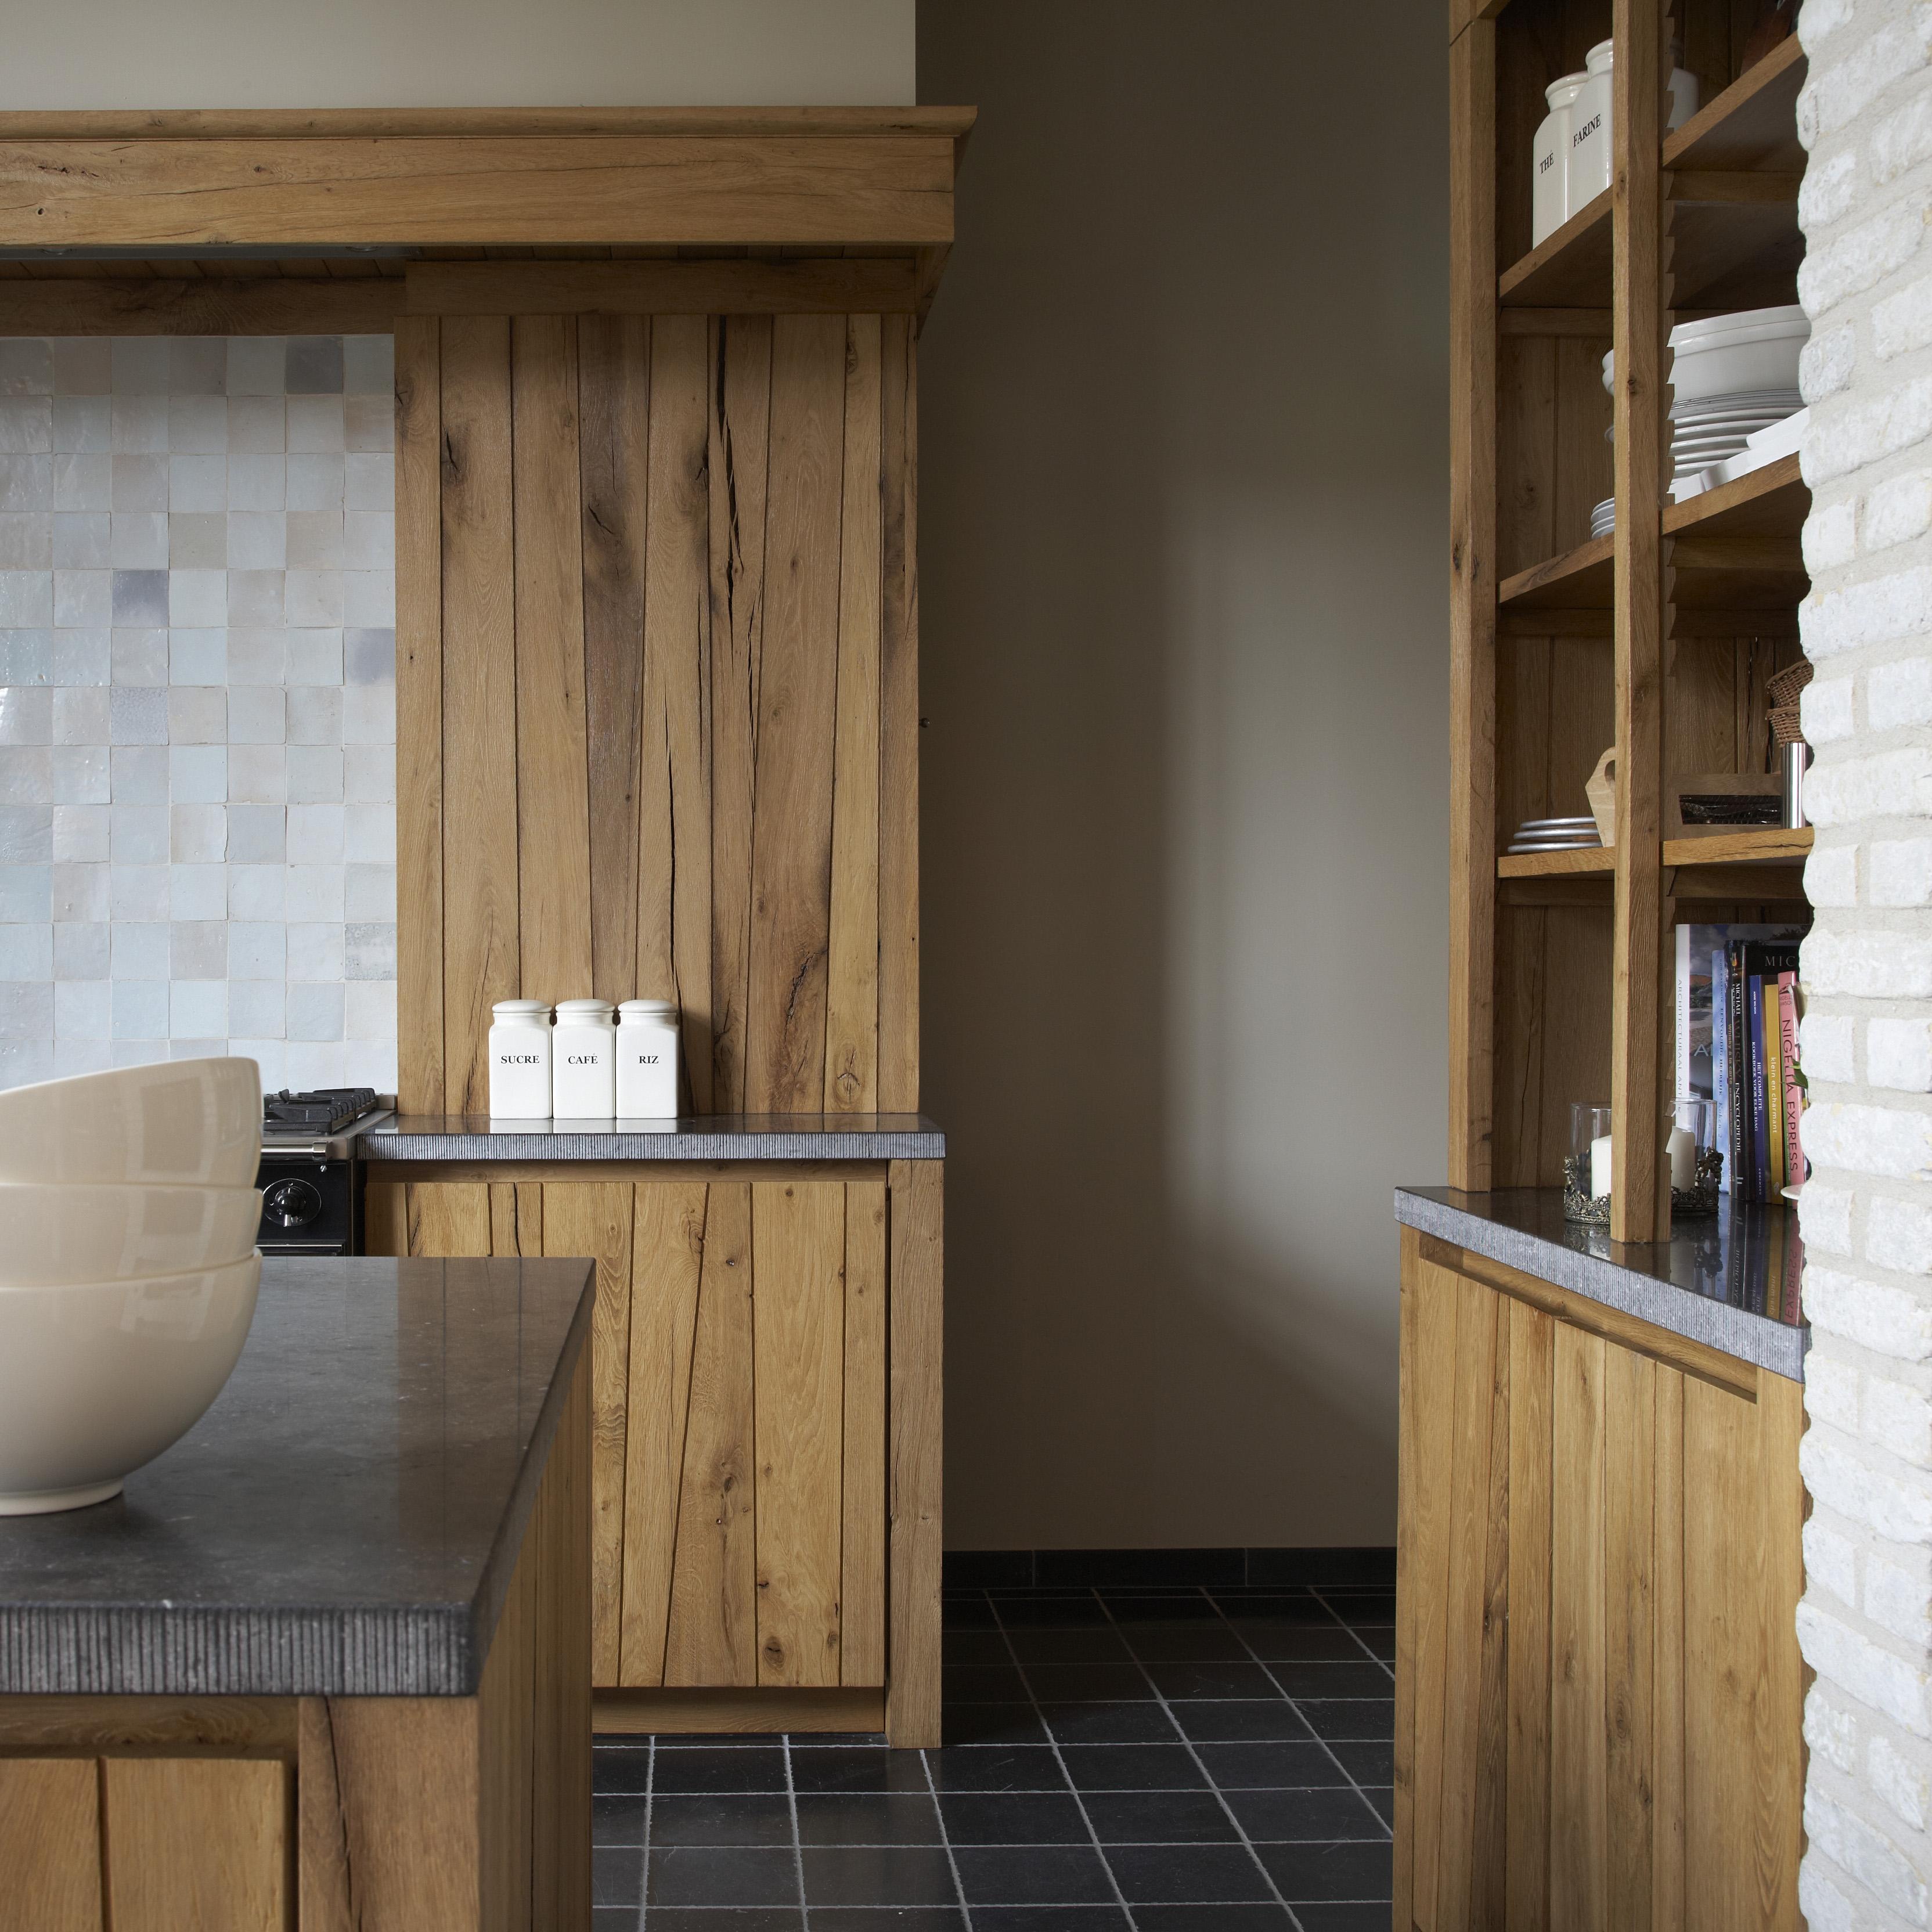 Keuken l interieur verkest for Interieur verkest